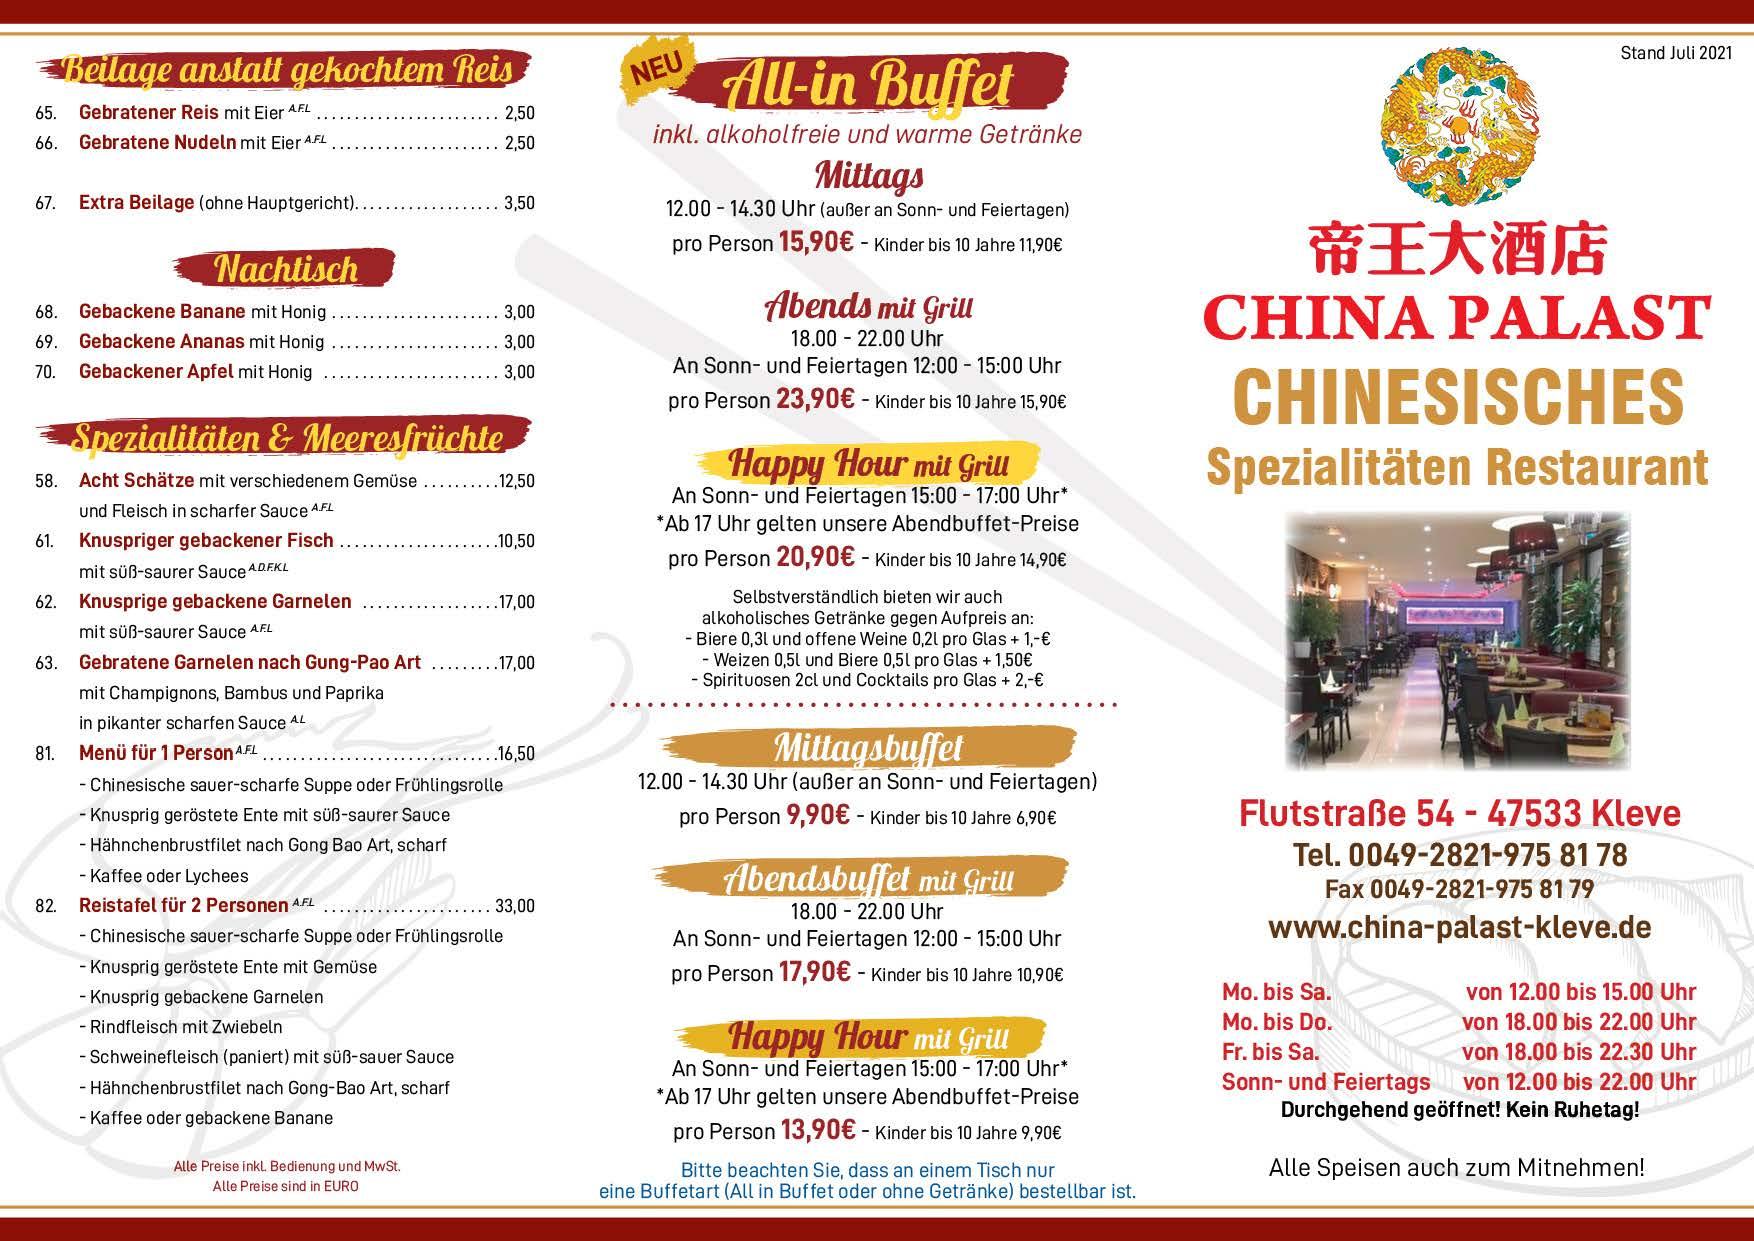 China Palast Kleve - Speisekarte - ab 08-2020 - Voderseite